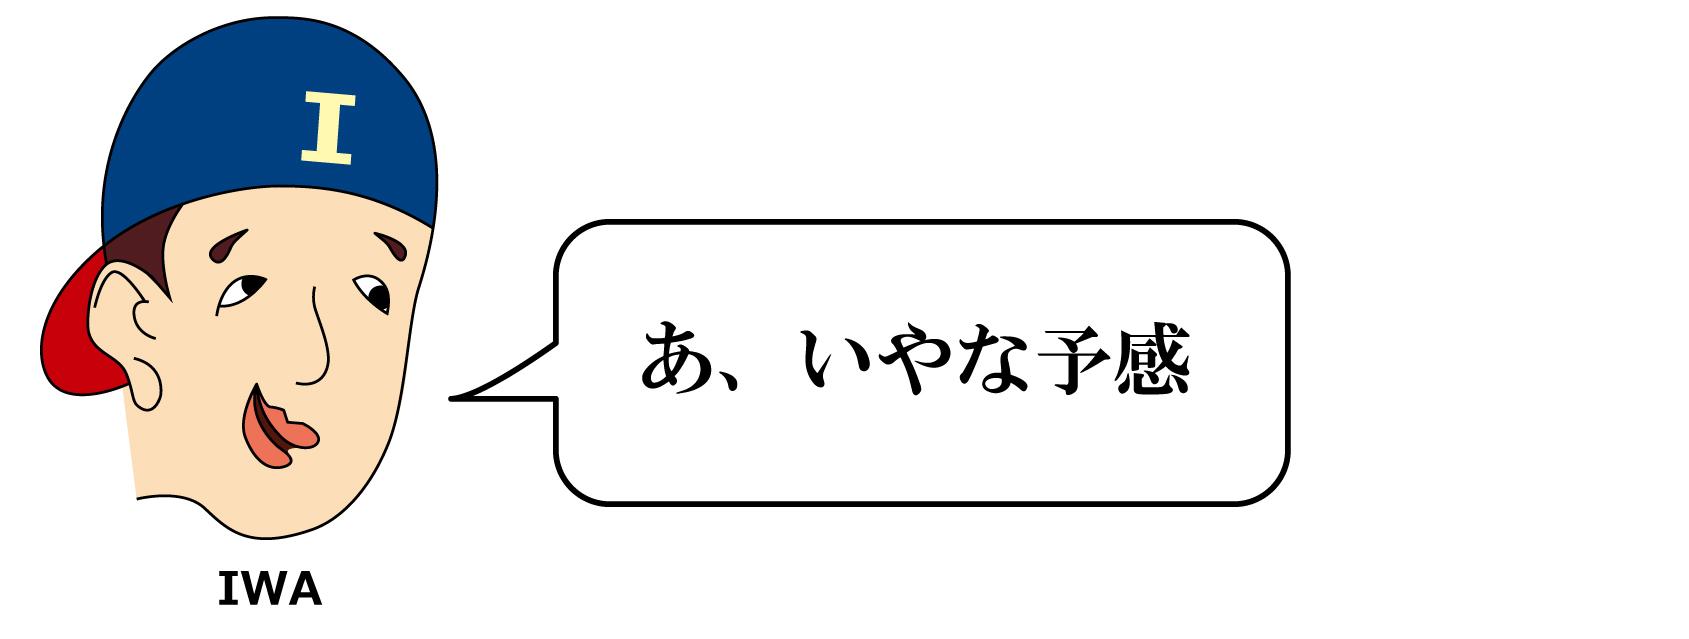 江戸時代 現代比較 『水茶屋』